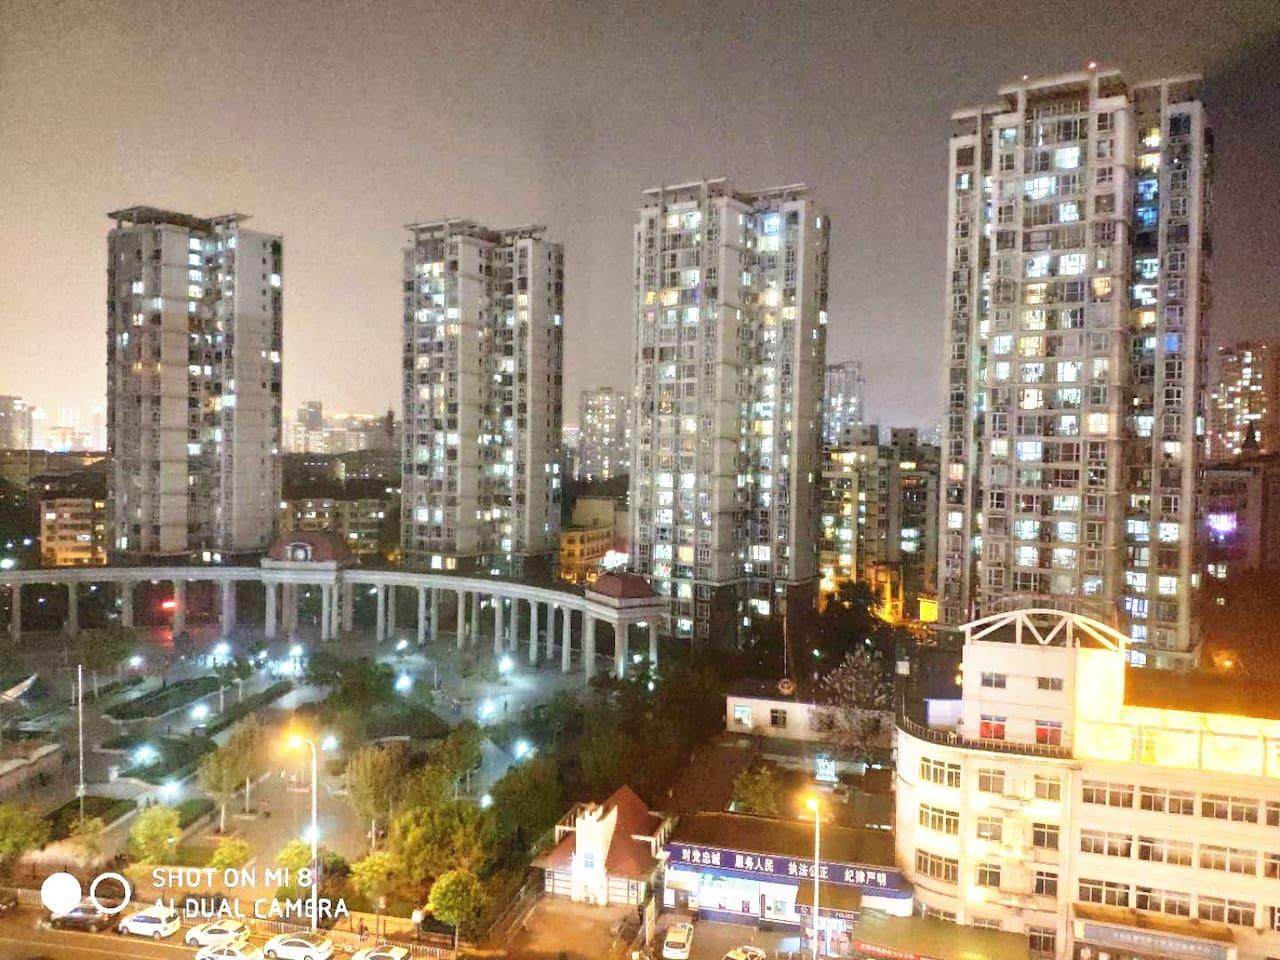 似水流年&MAX大屏投影,天津站旁大三居,近意风区,古文化街,摩天轮